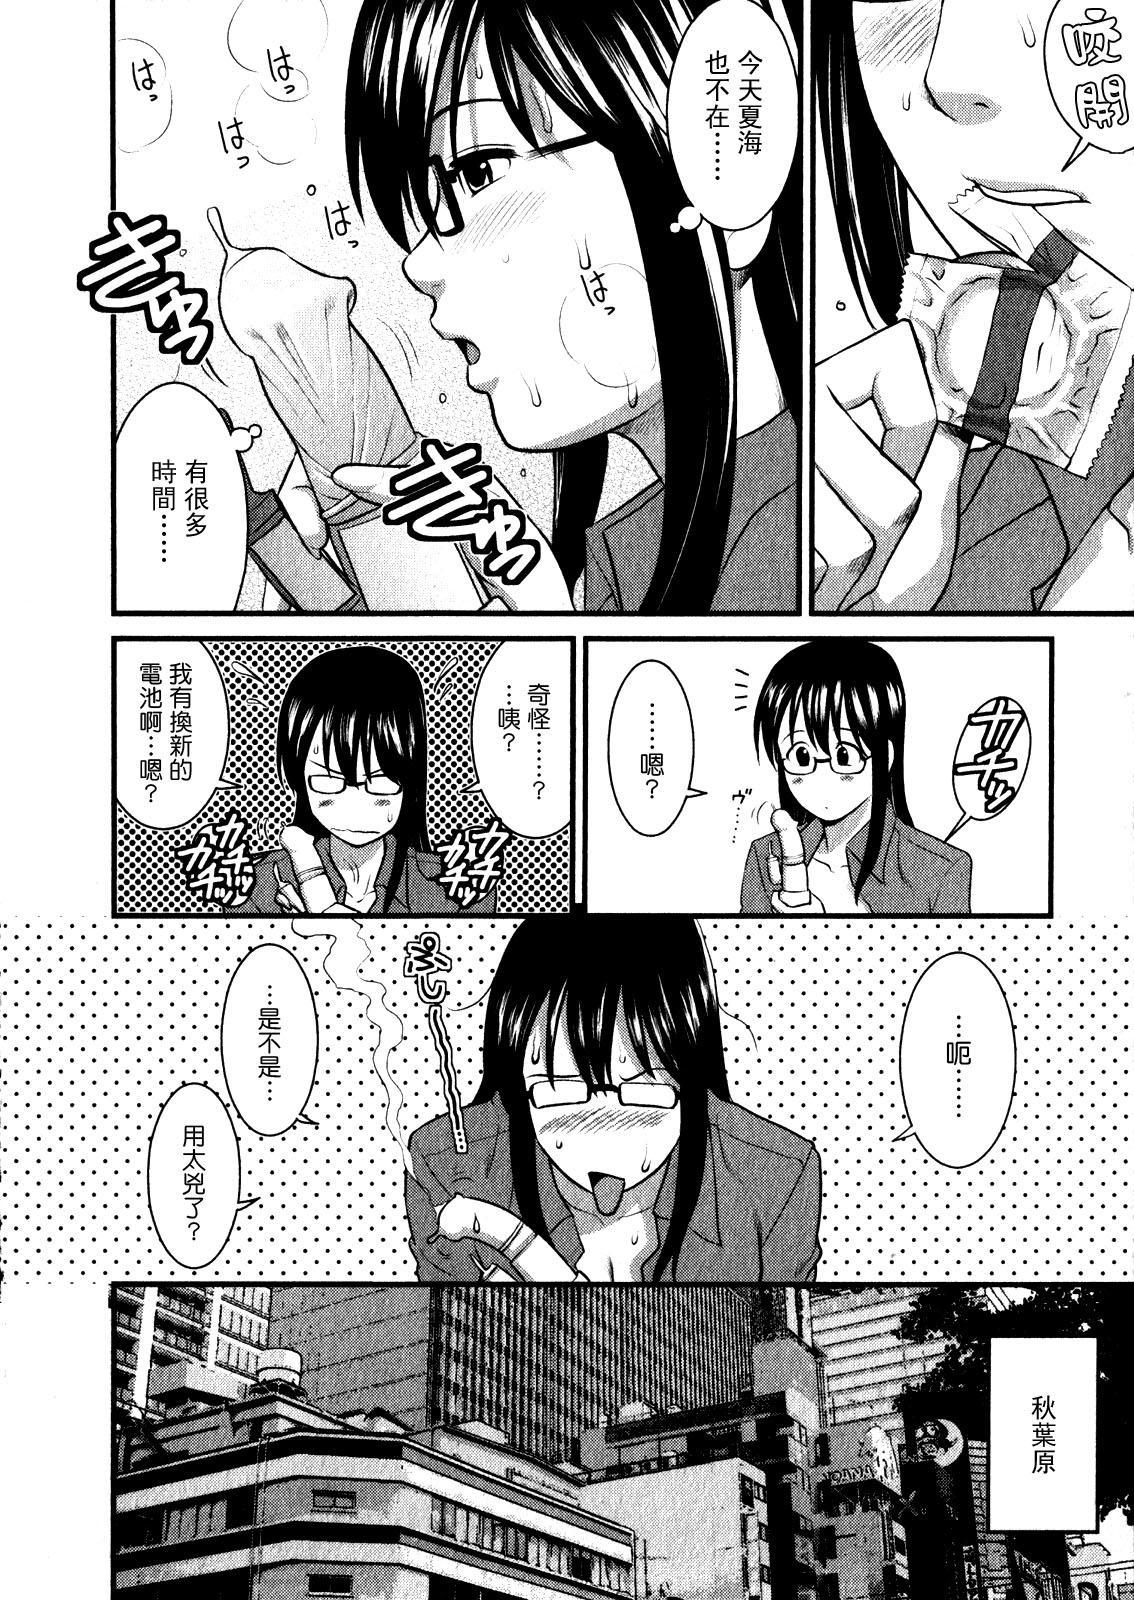 Otaku no Megami-san 1 69